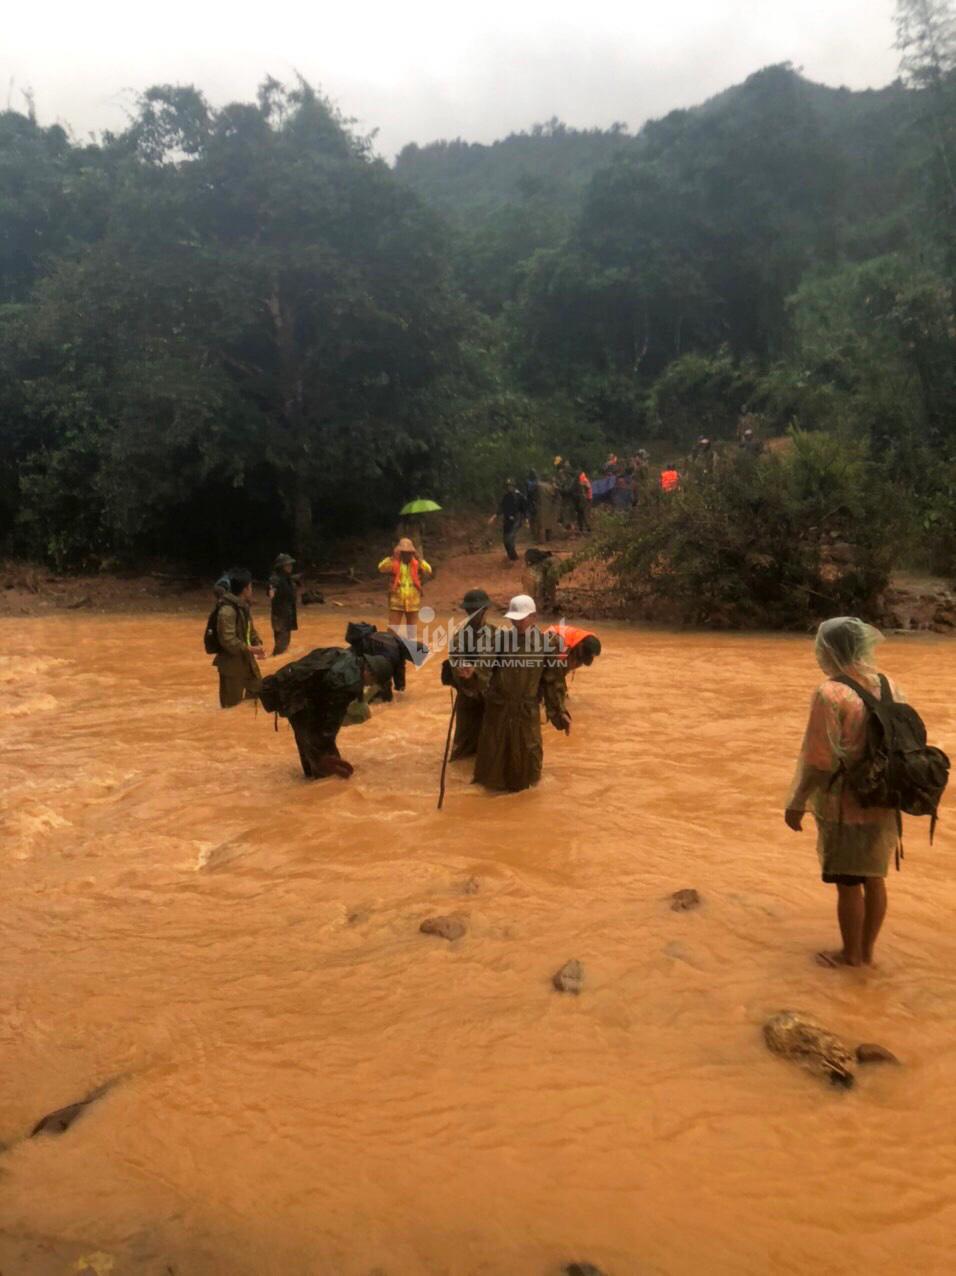 20 giờ cắt rừng, bám dây vượt lũ đưa thi thể đồng đội hy sinh trở về - Ảnh 9.